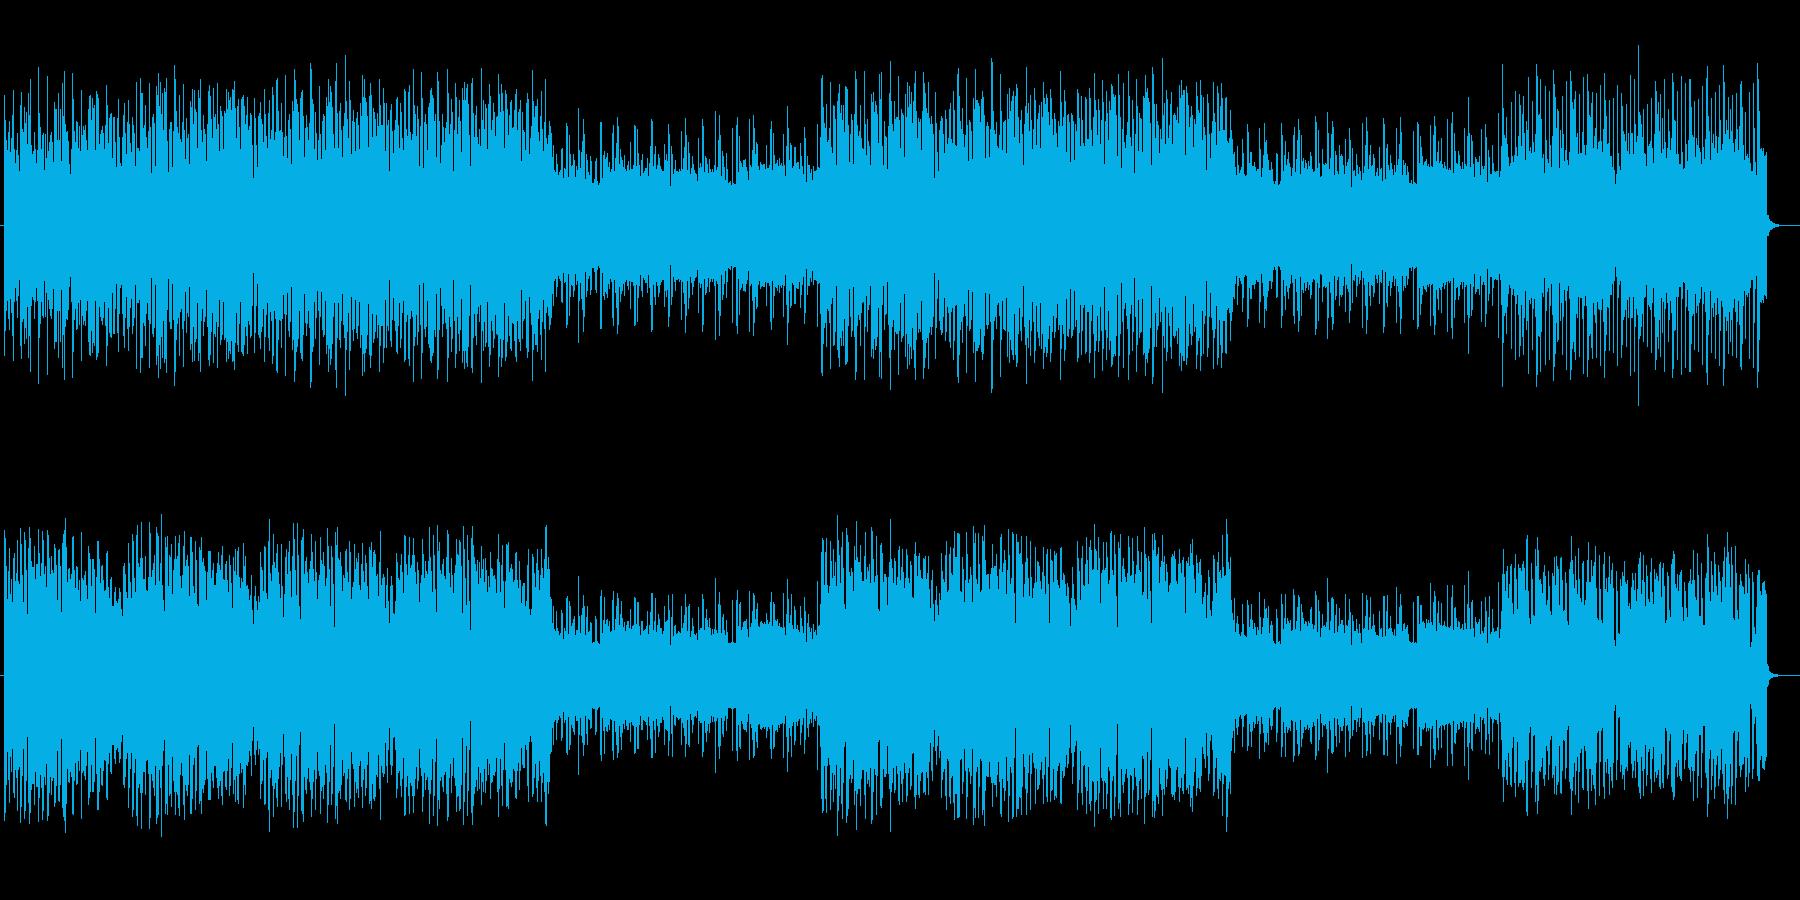 不思議で暗めのシンセポップの再生済みの波形